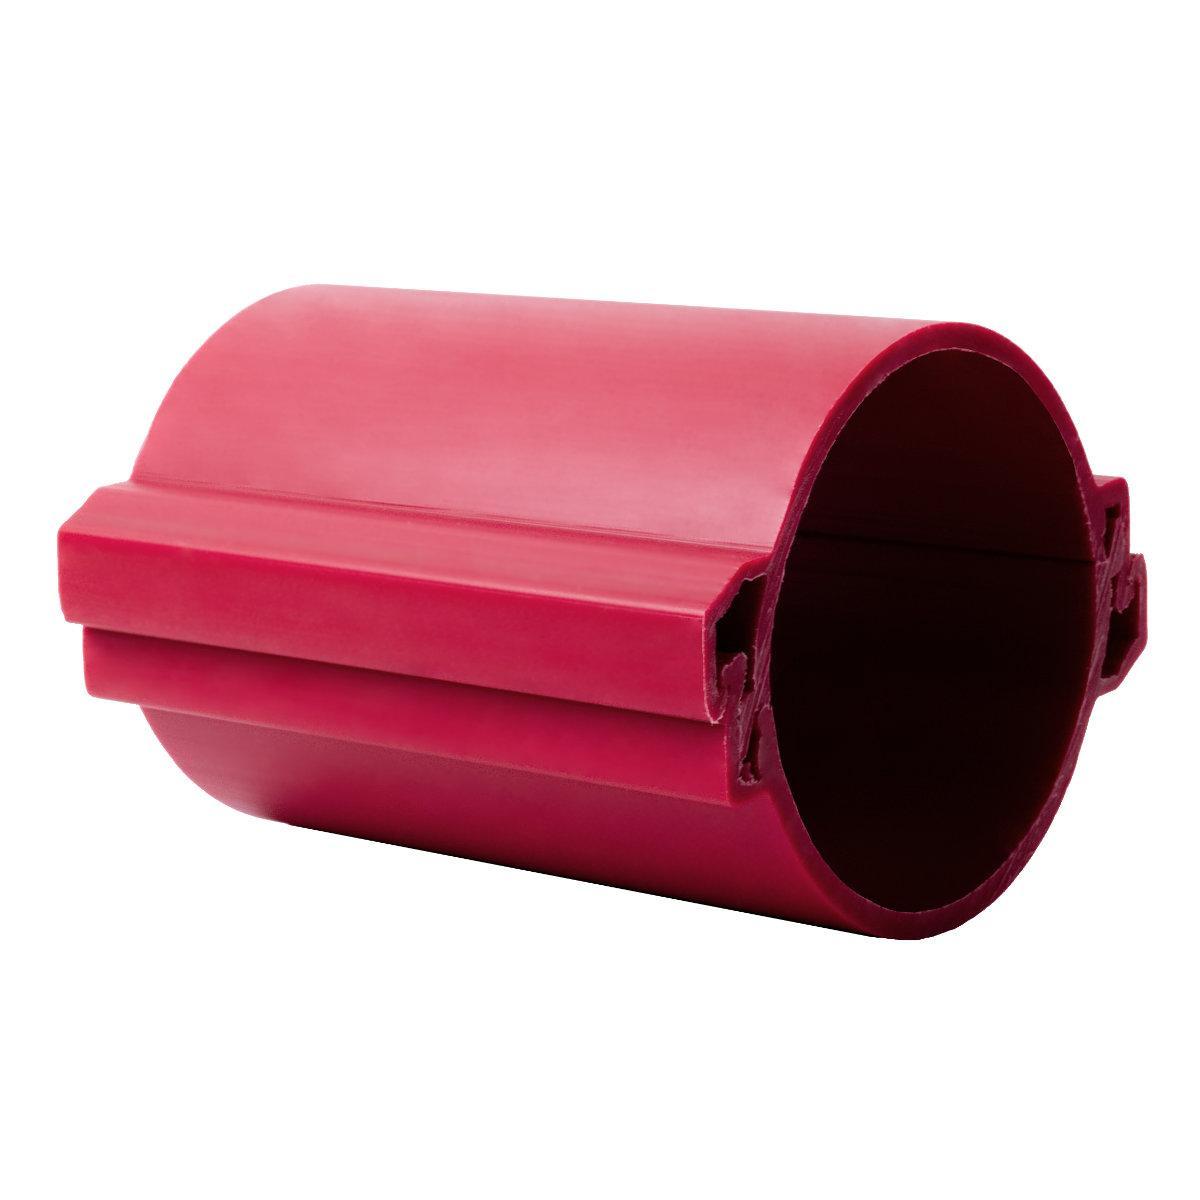 Труба розбірна КОПОХАЛФ; для підземного прокладання кабелю. Одношарова; Ø110мм; Поліетилен; червона довжина 3 м